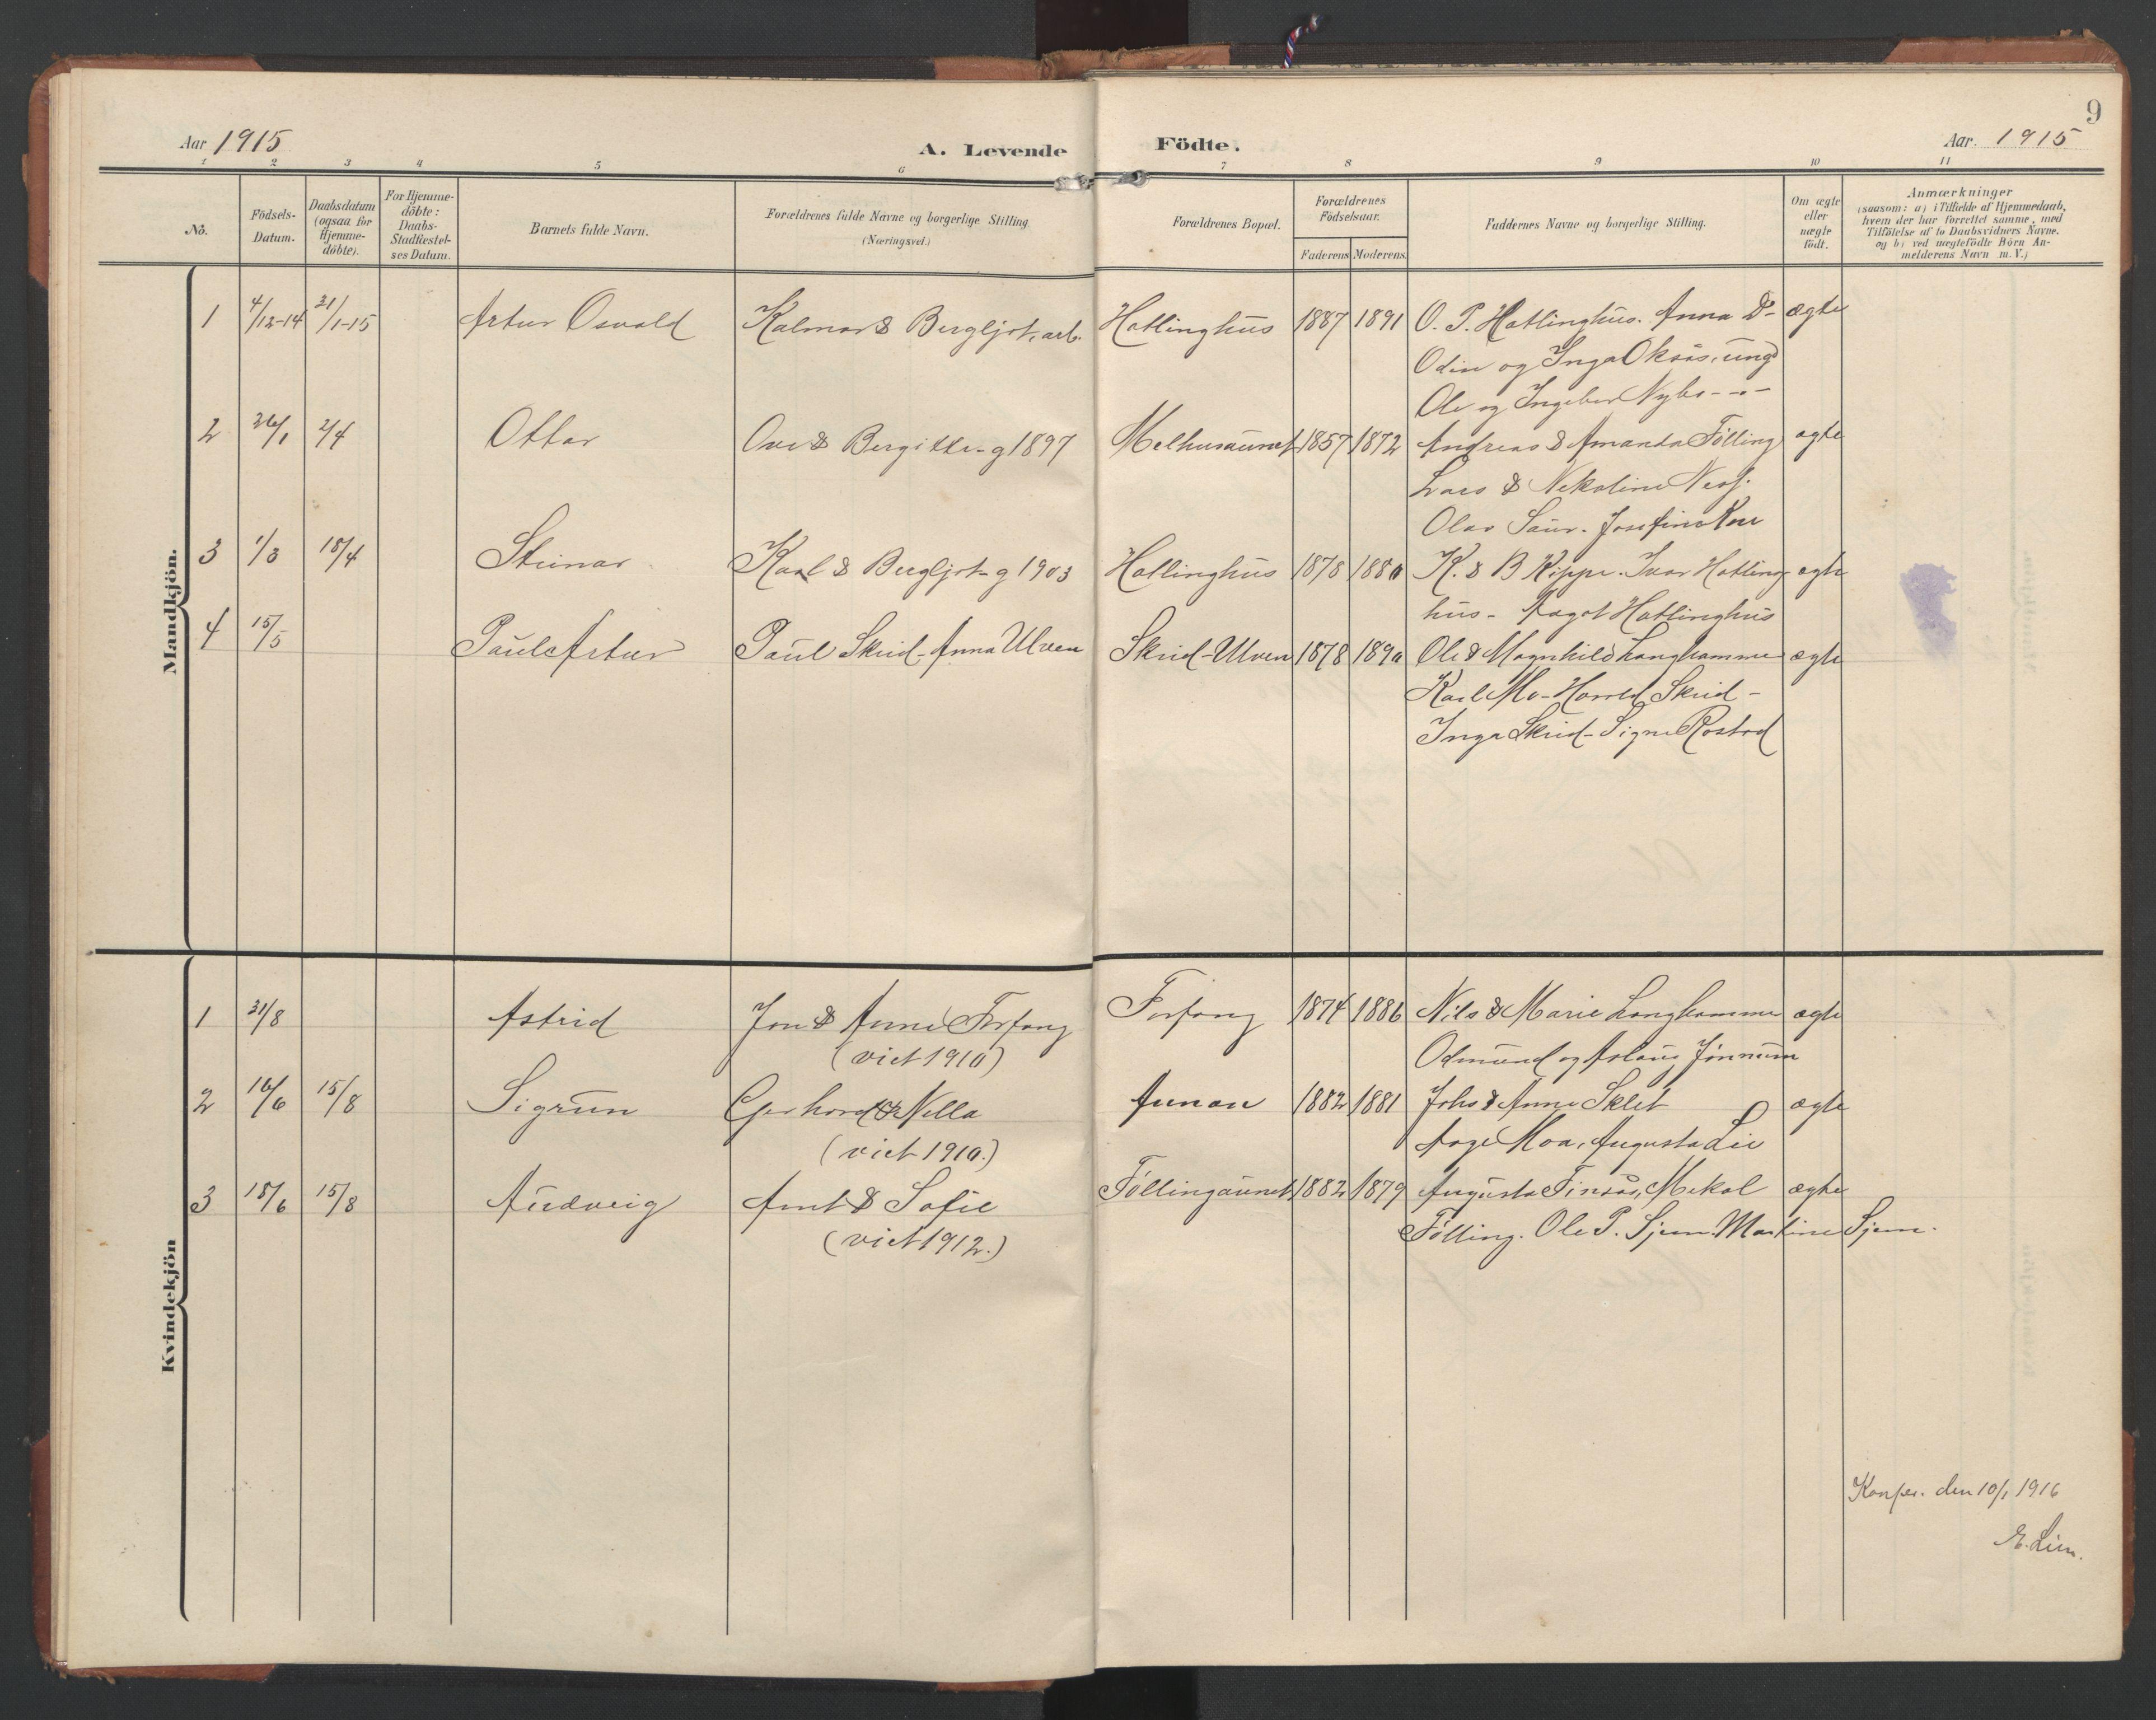 SAT, Ministerialprotokoller, klokkerbøker og fødselsregistre - Nord-Trøndelag, 748/L0465: Klokkerbok nr. 748C01, 1908-1960, s. 9